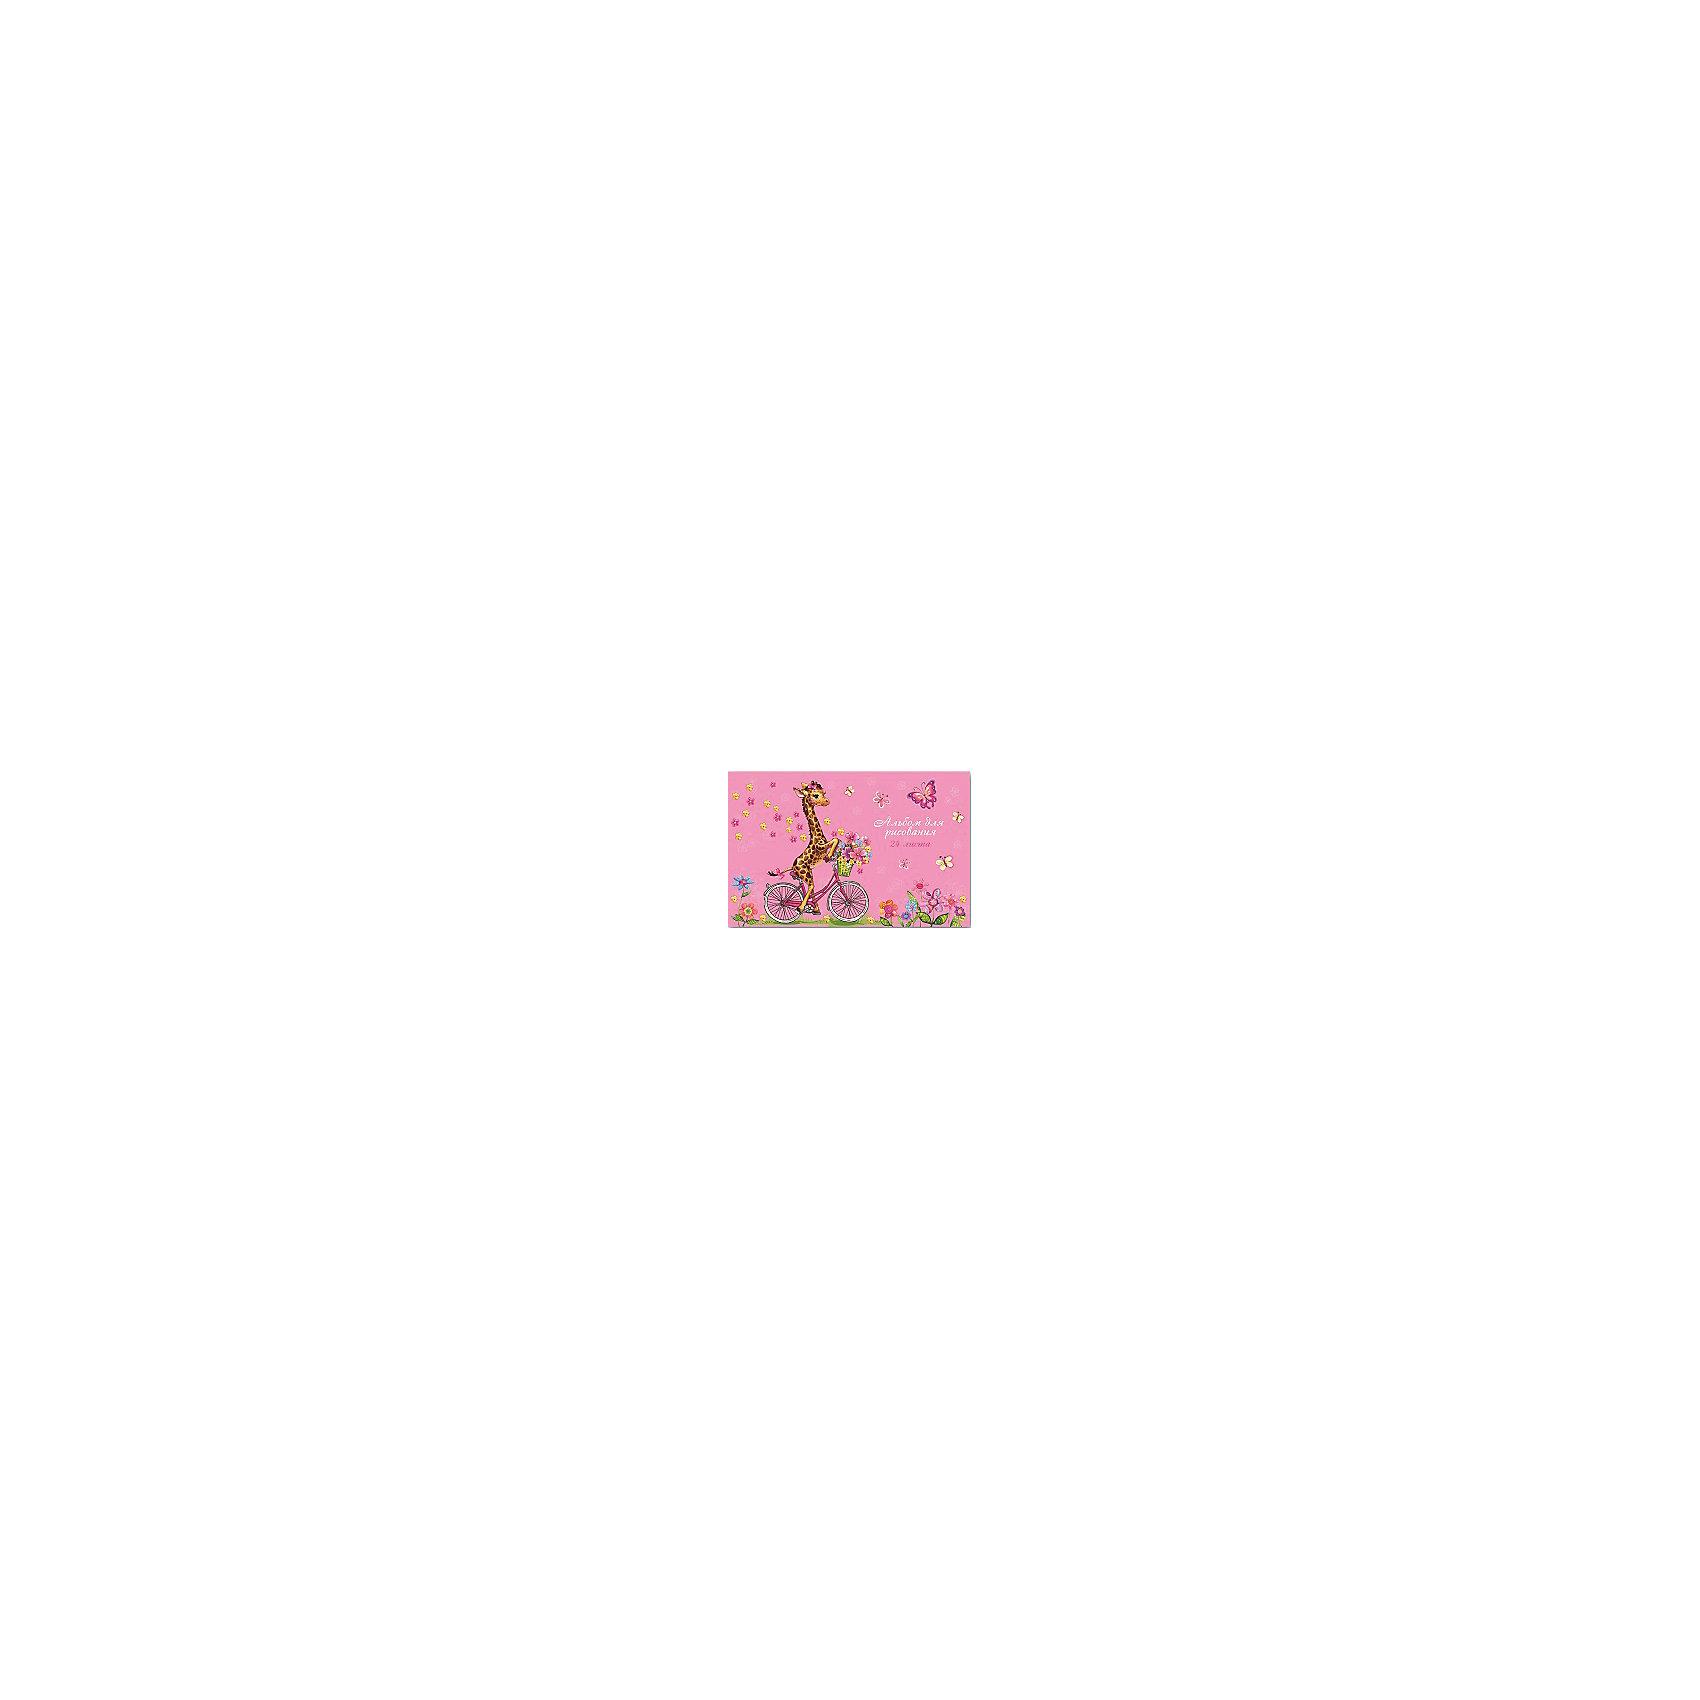 Альбом для рисования Жираф на велосипеде, 24 лСкоро 1 сентября, а значит Вашему ребенку обязательно понадобиться альбом для рисования!<br><br>Дополнительная информация:<br><br>- Возраст: от 3 лет.<br>- 24 листа.<br>- Орнамент: жираф на велосипеде.<br>- Формат: А4.<br>- Материал: бумага, картон.<br>- Размер упаковки: 29х20х0,5 см.<br>- Вес в упаковке: 160 г.<br><br>Купить альбом для рисования Жираф на велосипеде можно в нашем магазине.<br><br>Ширина мм: 290<br>Глубина мм: 200<br>Высота мм: 5<br>Вес г: 160<br>Возраст от месяцев: 36<br>Возраст до месяцев: 2147483647<br>Пол: Унисекс<br>Возраст: Детский<br>SKU: 4943545